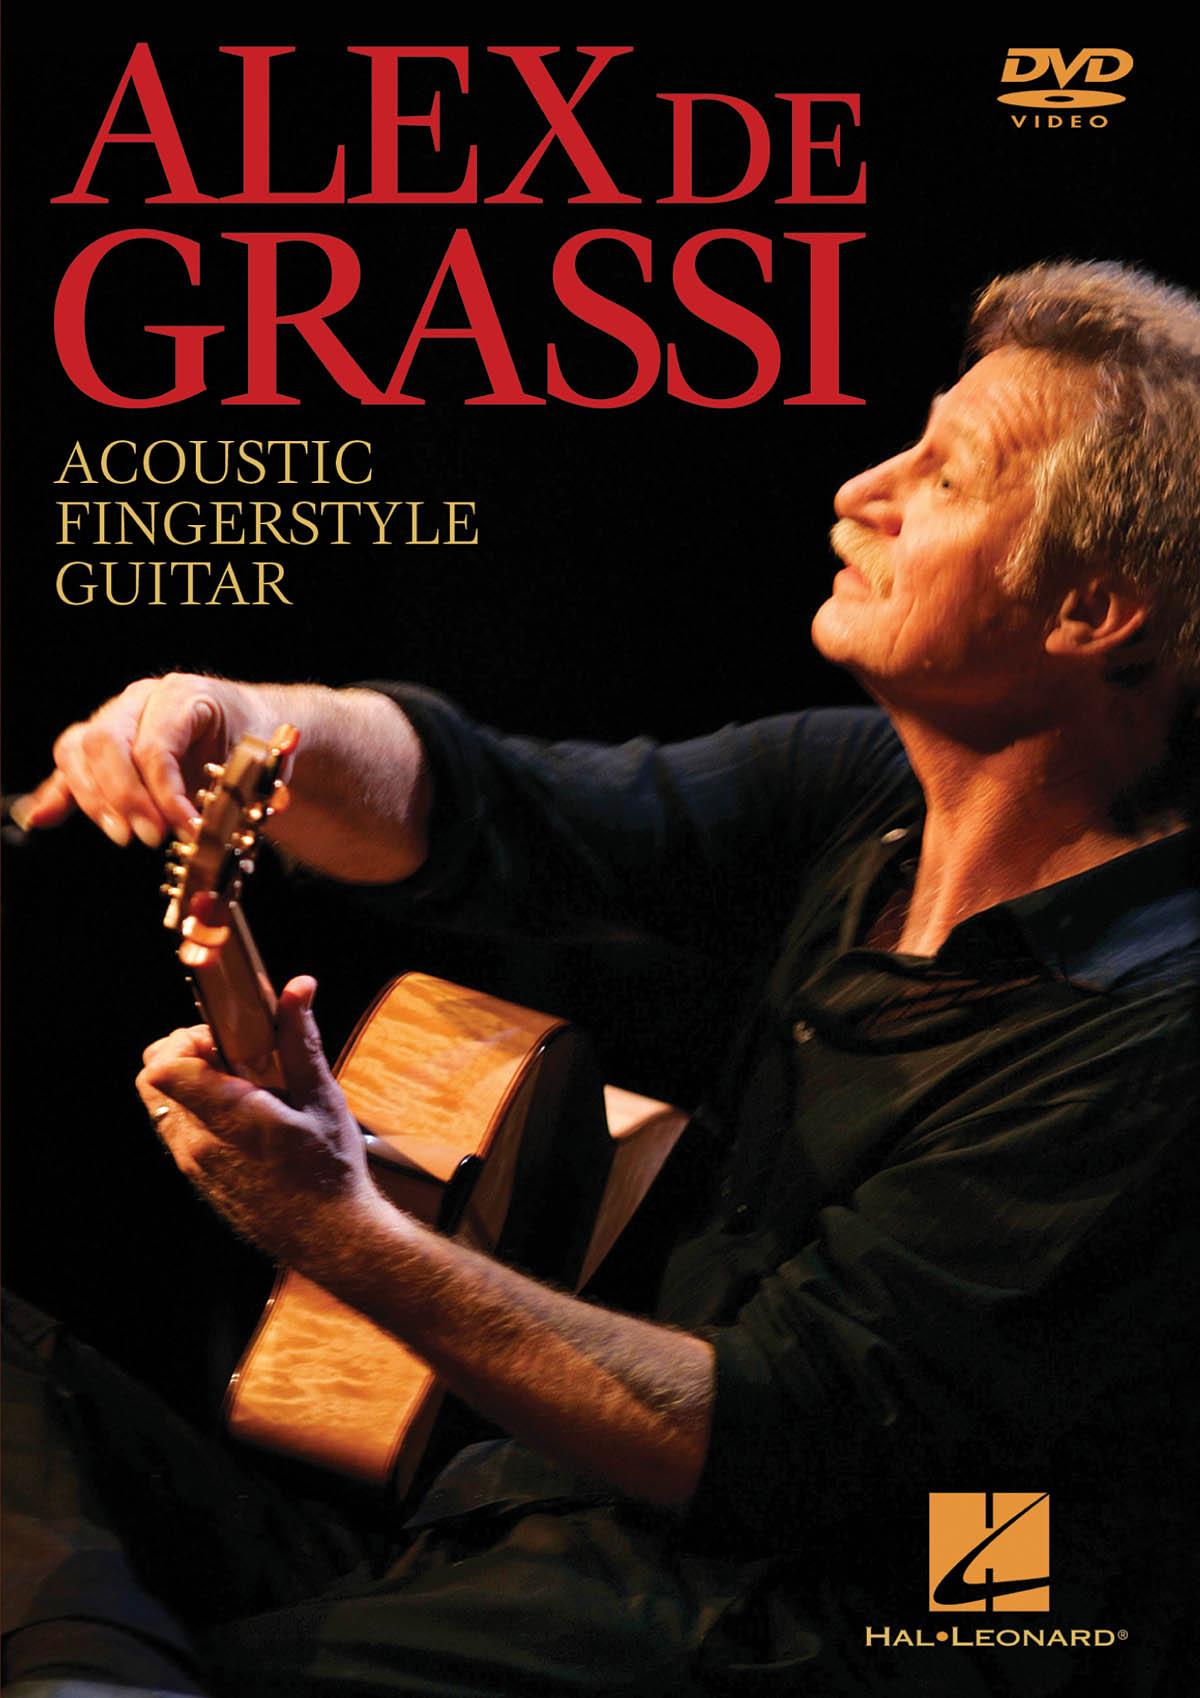 Alex de Grassi - Acoustic Fingerstyle Guitar: Guitar Solo: DVD